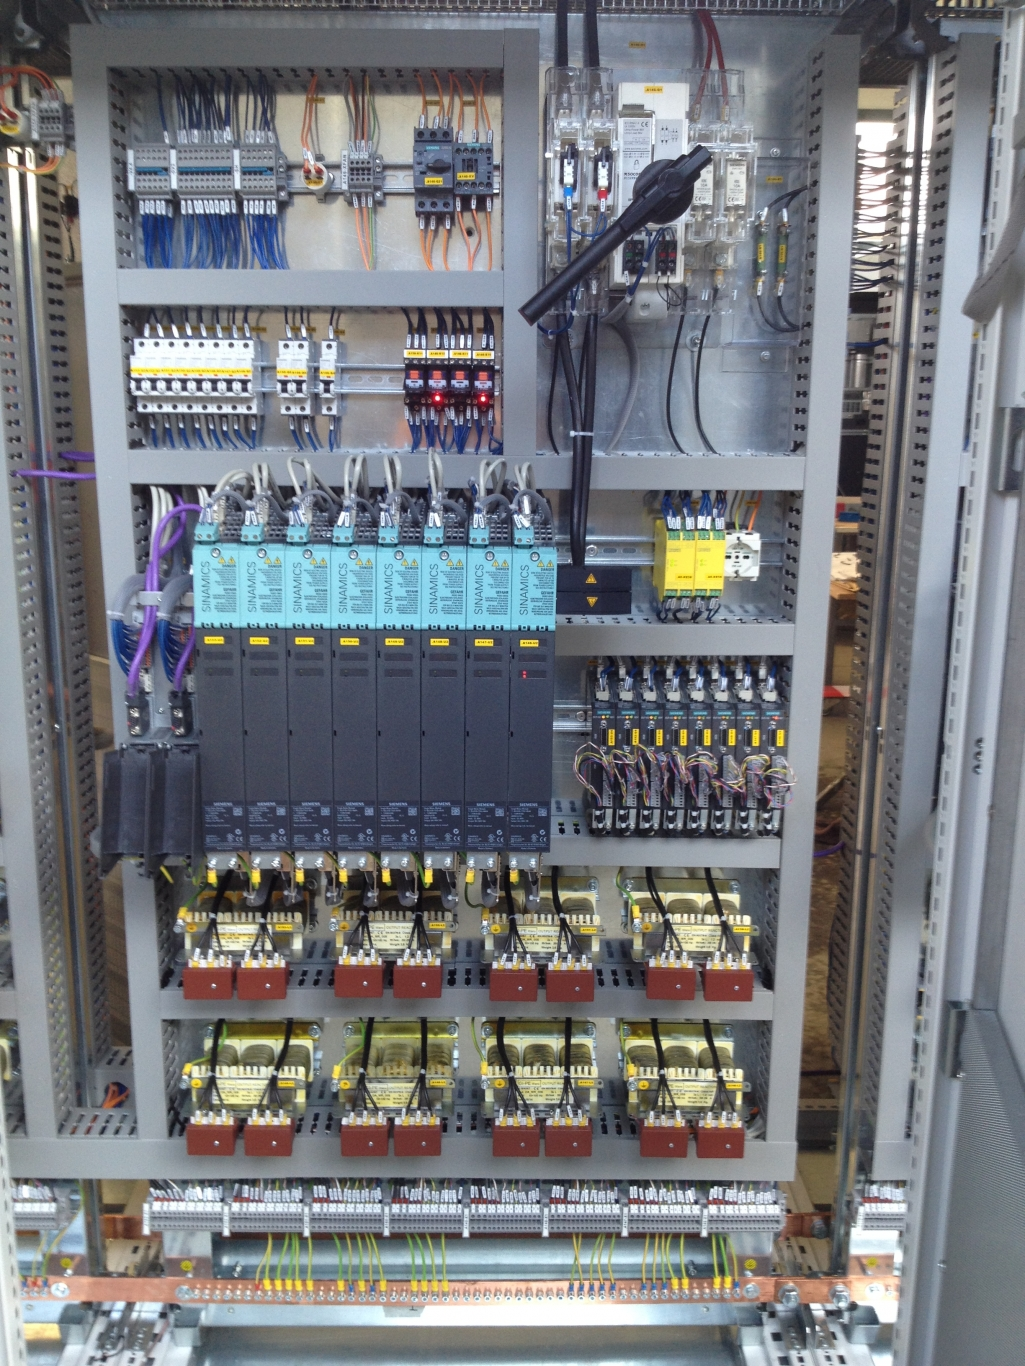 Schema Elettrico Quadro : Progettazione quadri elettrici di potenza ed automazione studio